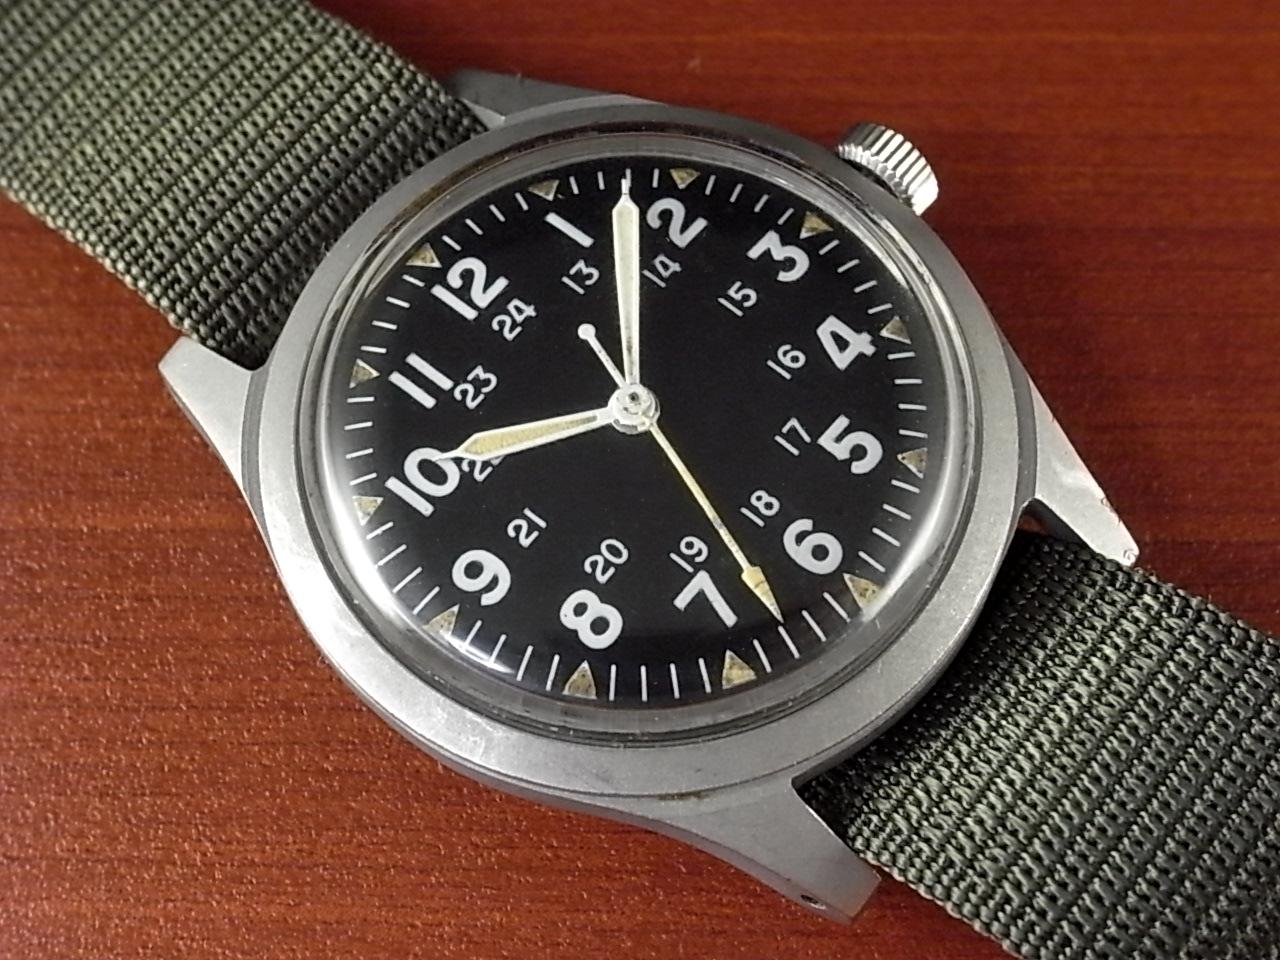 ベンラス 米軍 GG-W-113 ベトナム戦争 1970年代のメイン写真